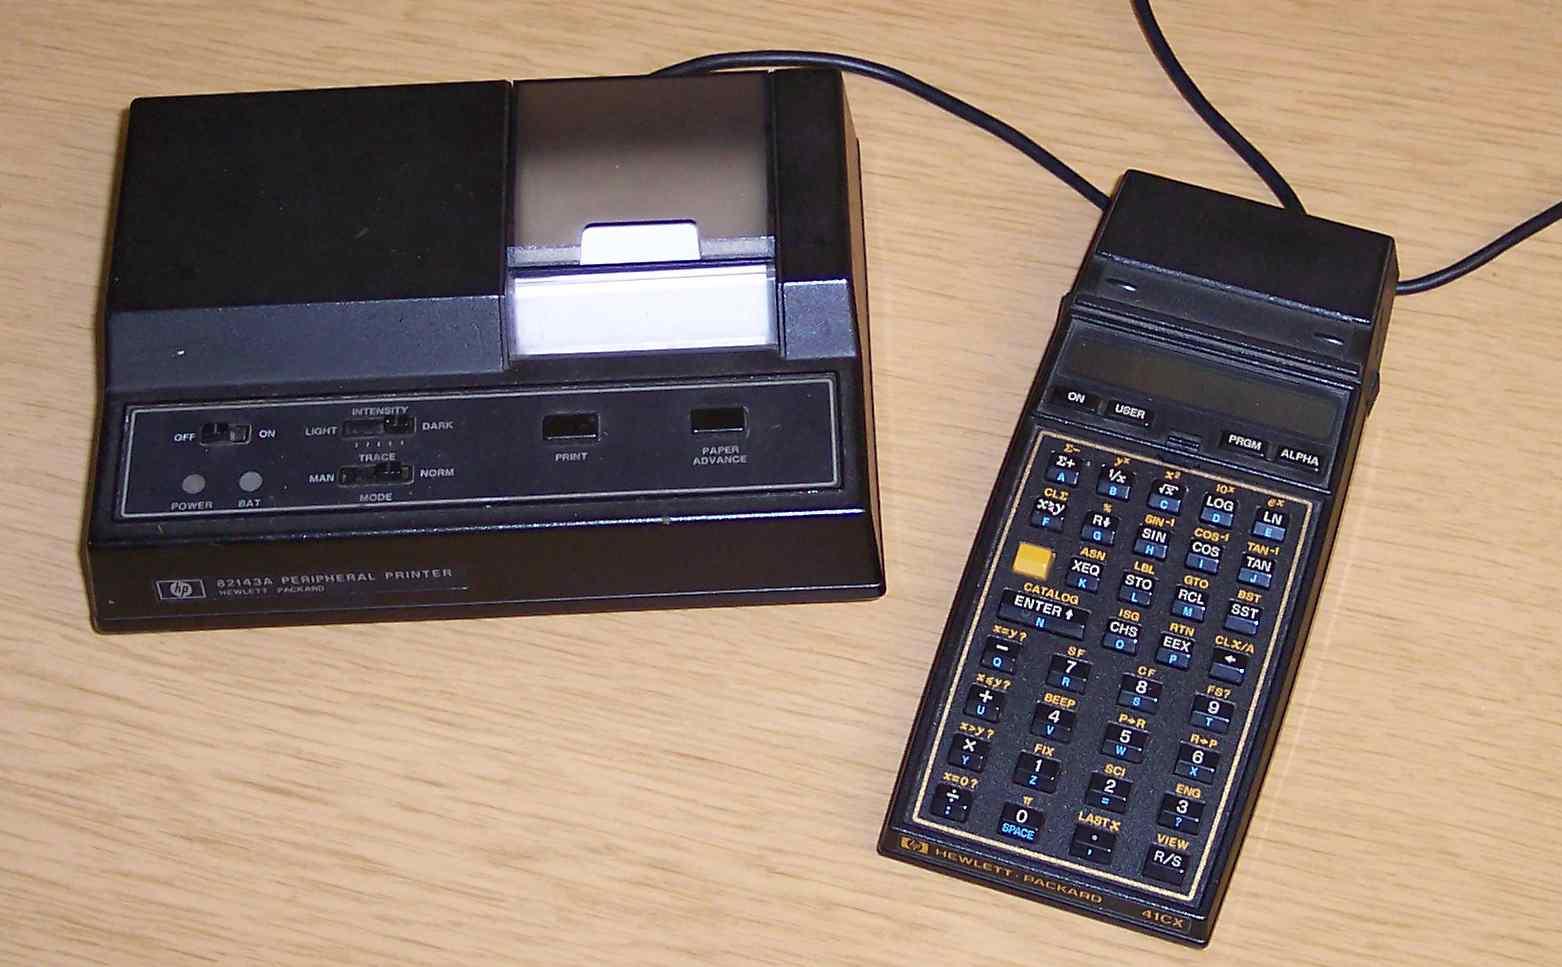 HP-41C calculator